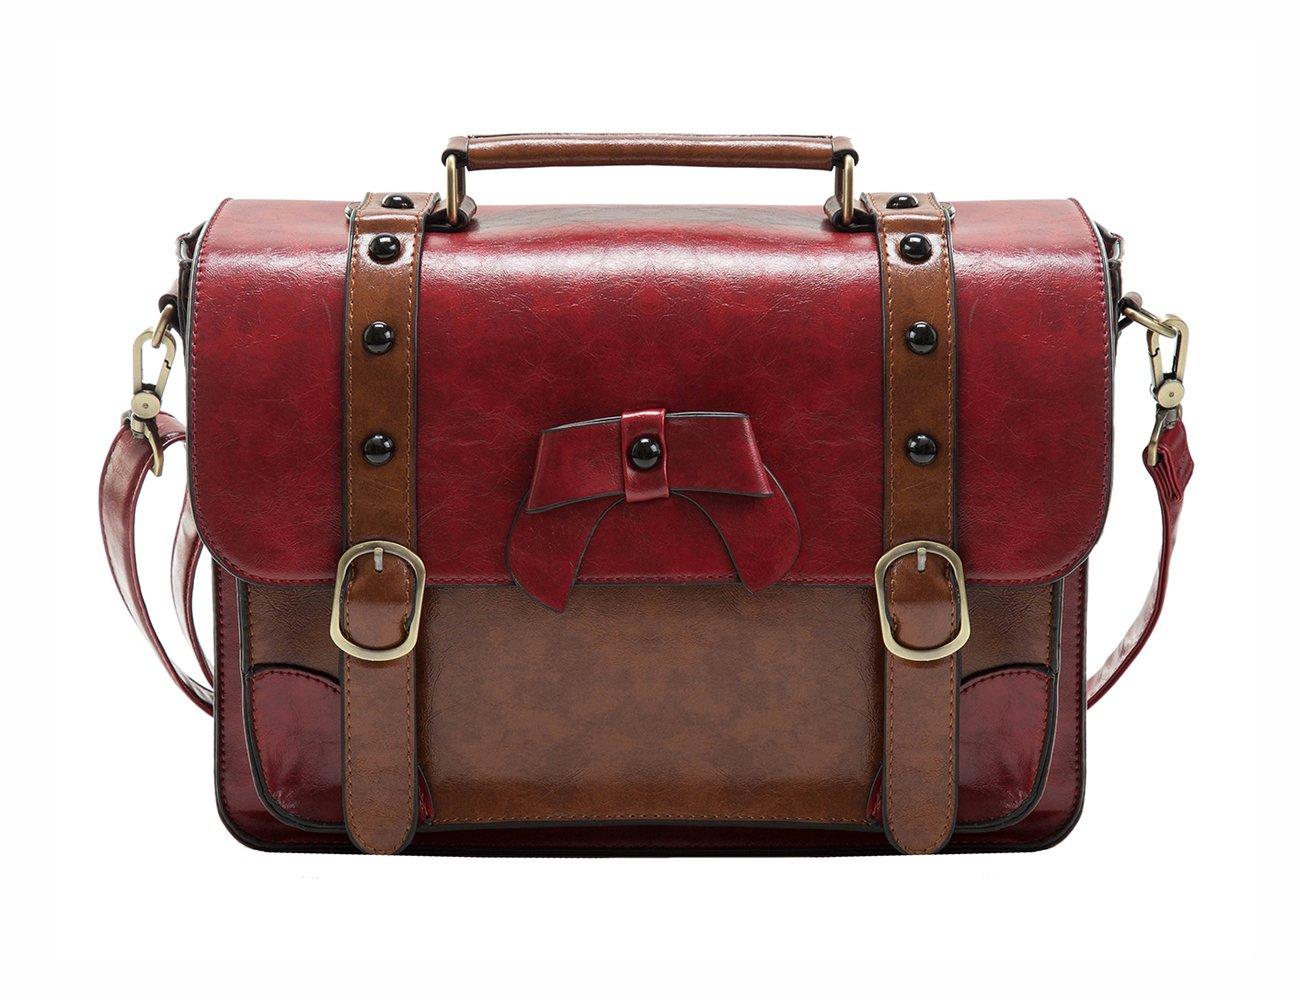 e559a85d6b ECOSUSI Sac Bandoulière pour Femme Sac à Main Rétro Sac Porté épaule  Vintage (Rouge), Rouge 1,